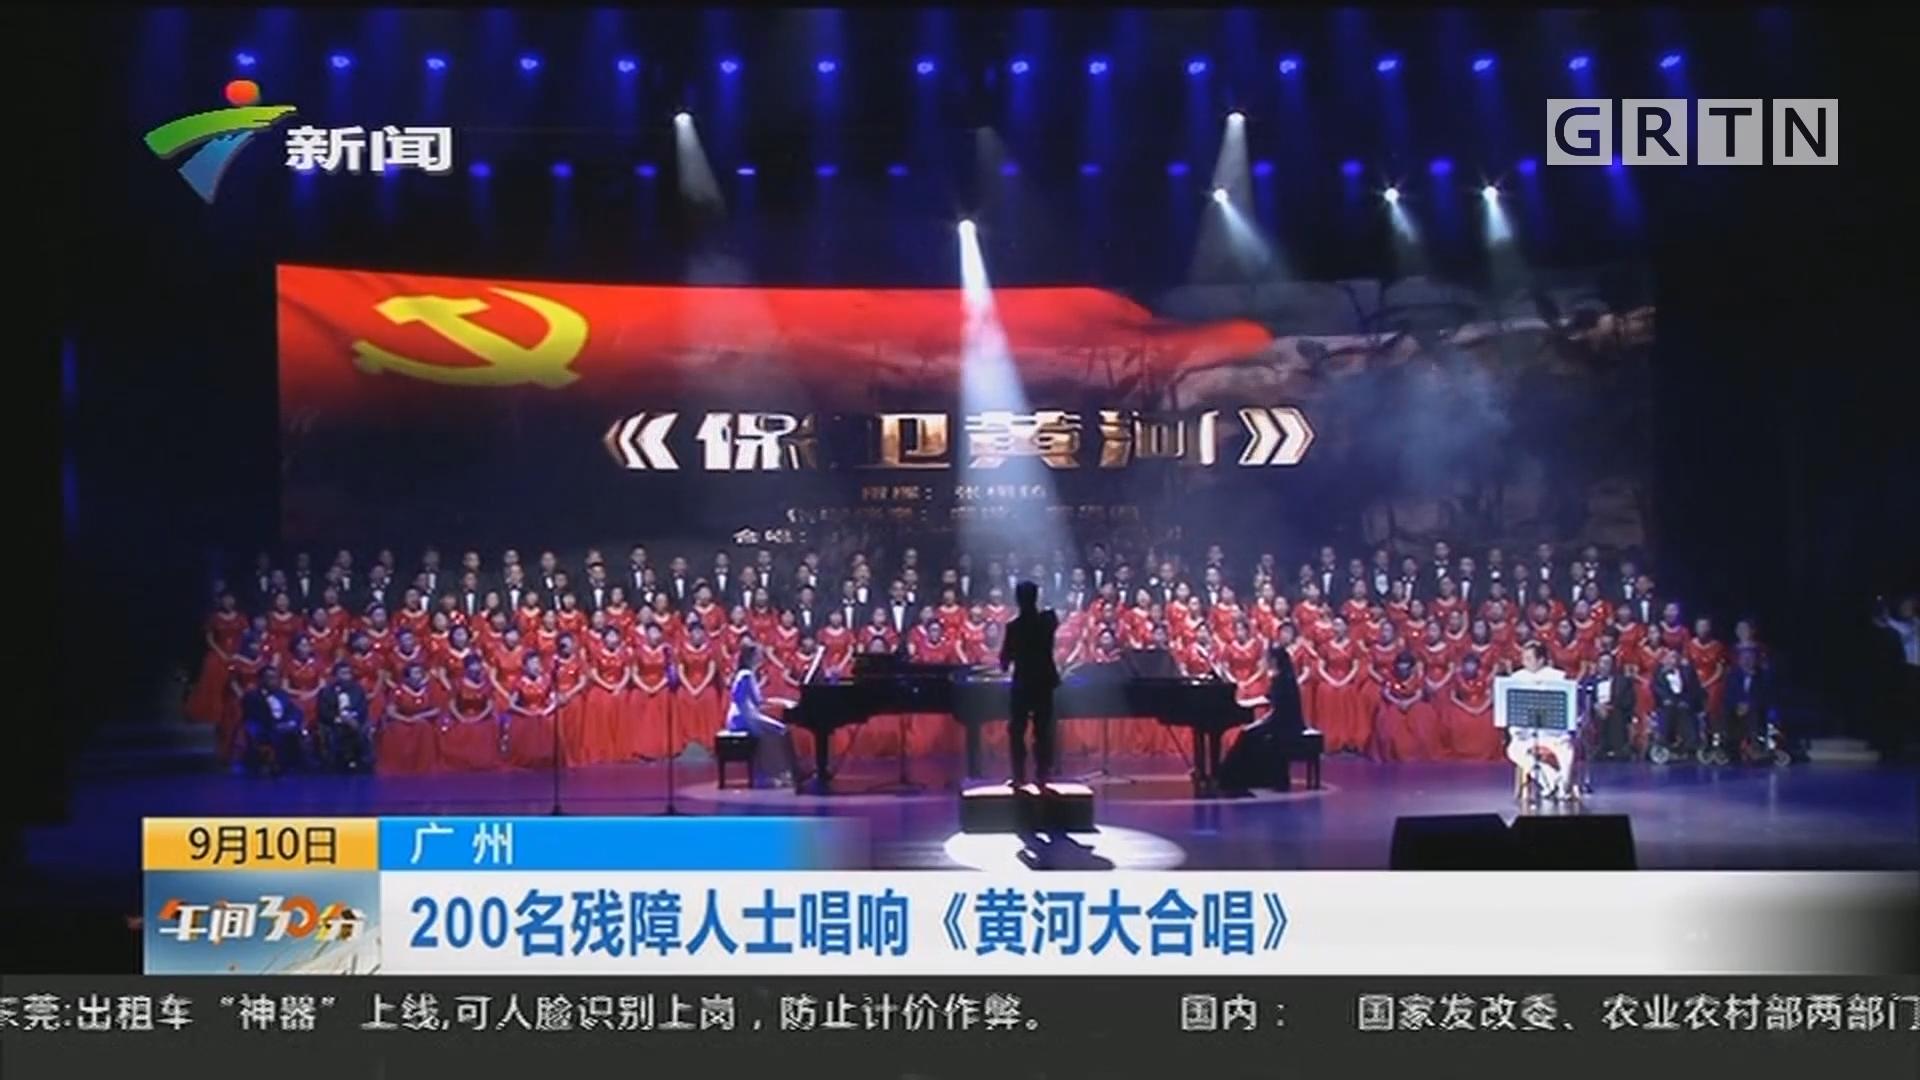 廣州:200名殘障人士唱響《黃河大合唱》